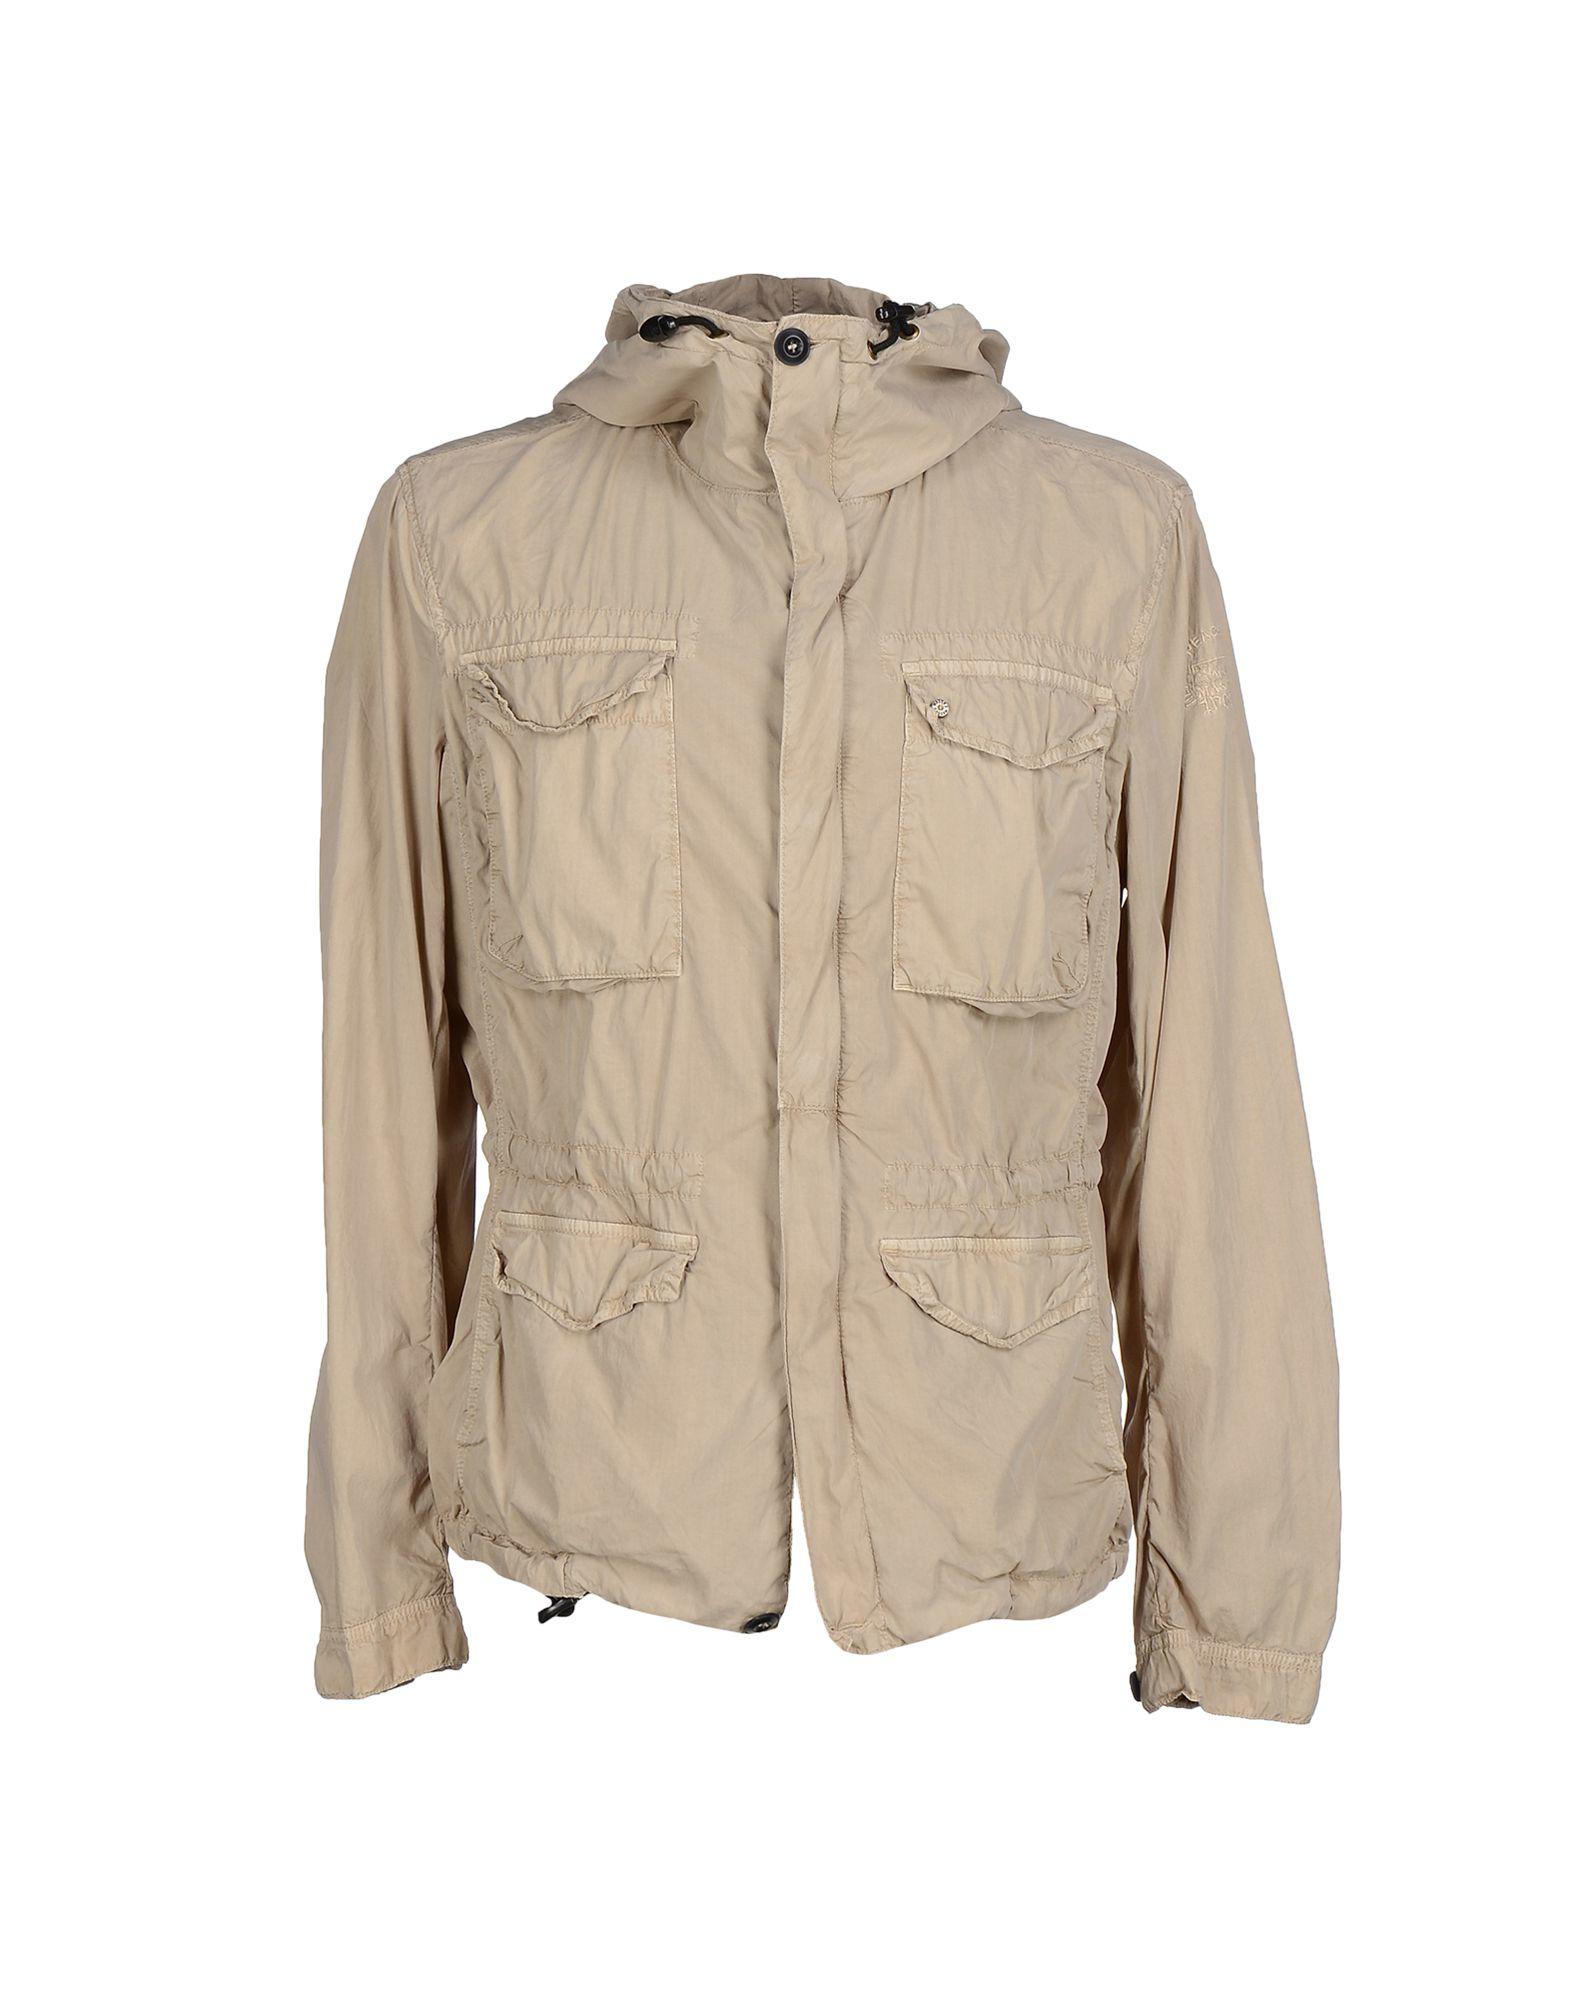 Mason 39 S Jacket In Beige For Men Lyst